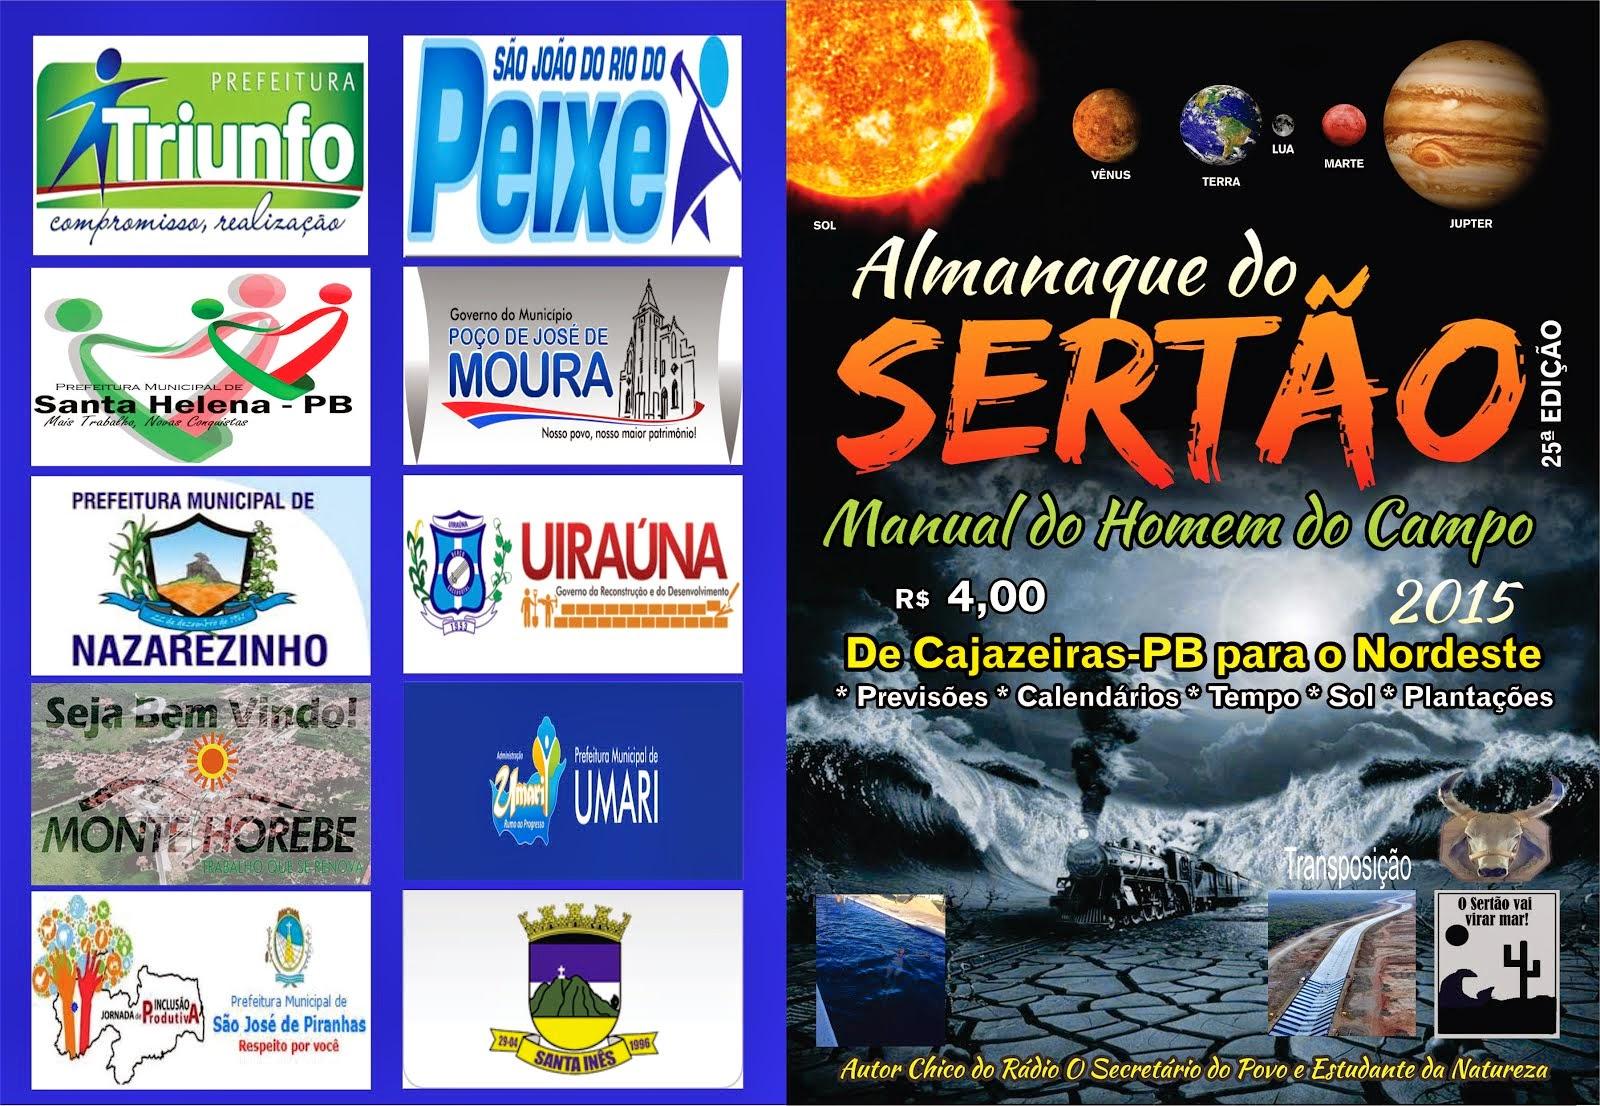 ALMANAQUE DO SERTÃO ANO 2015 DE CAJAZEIRAS PB PARA O NORDESTE BRASILEIRO